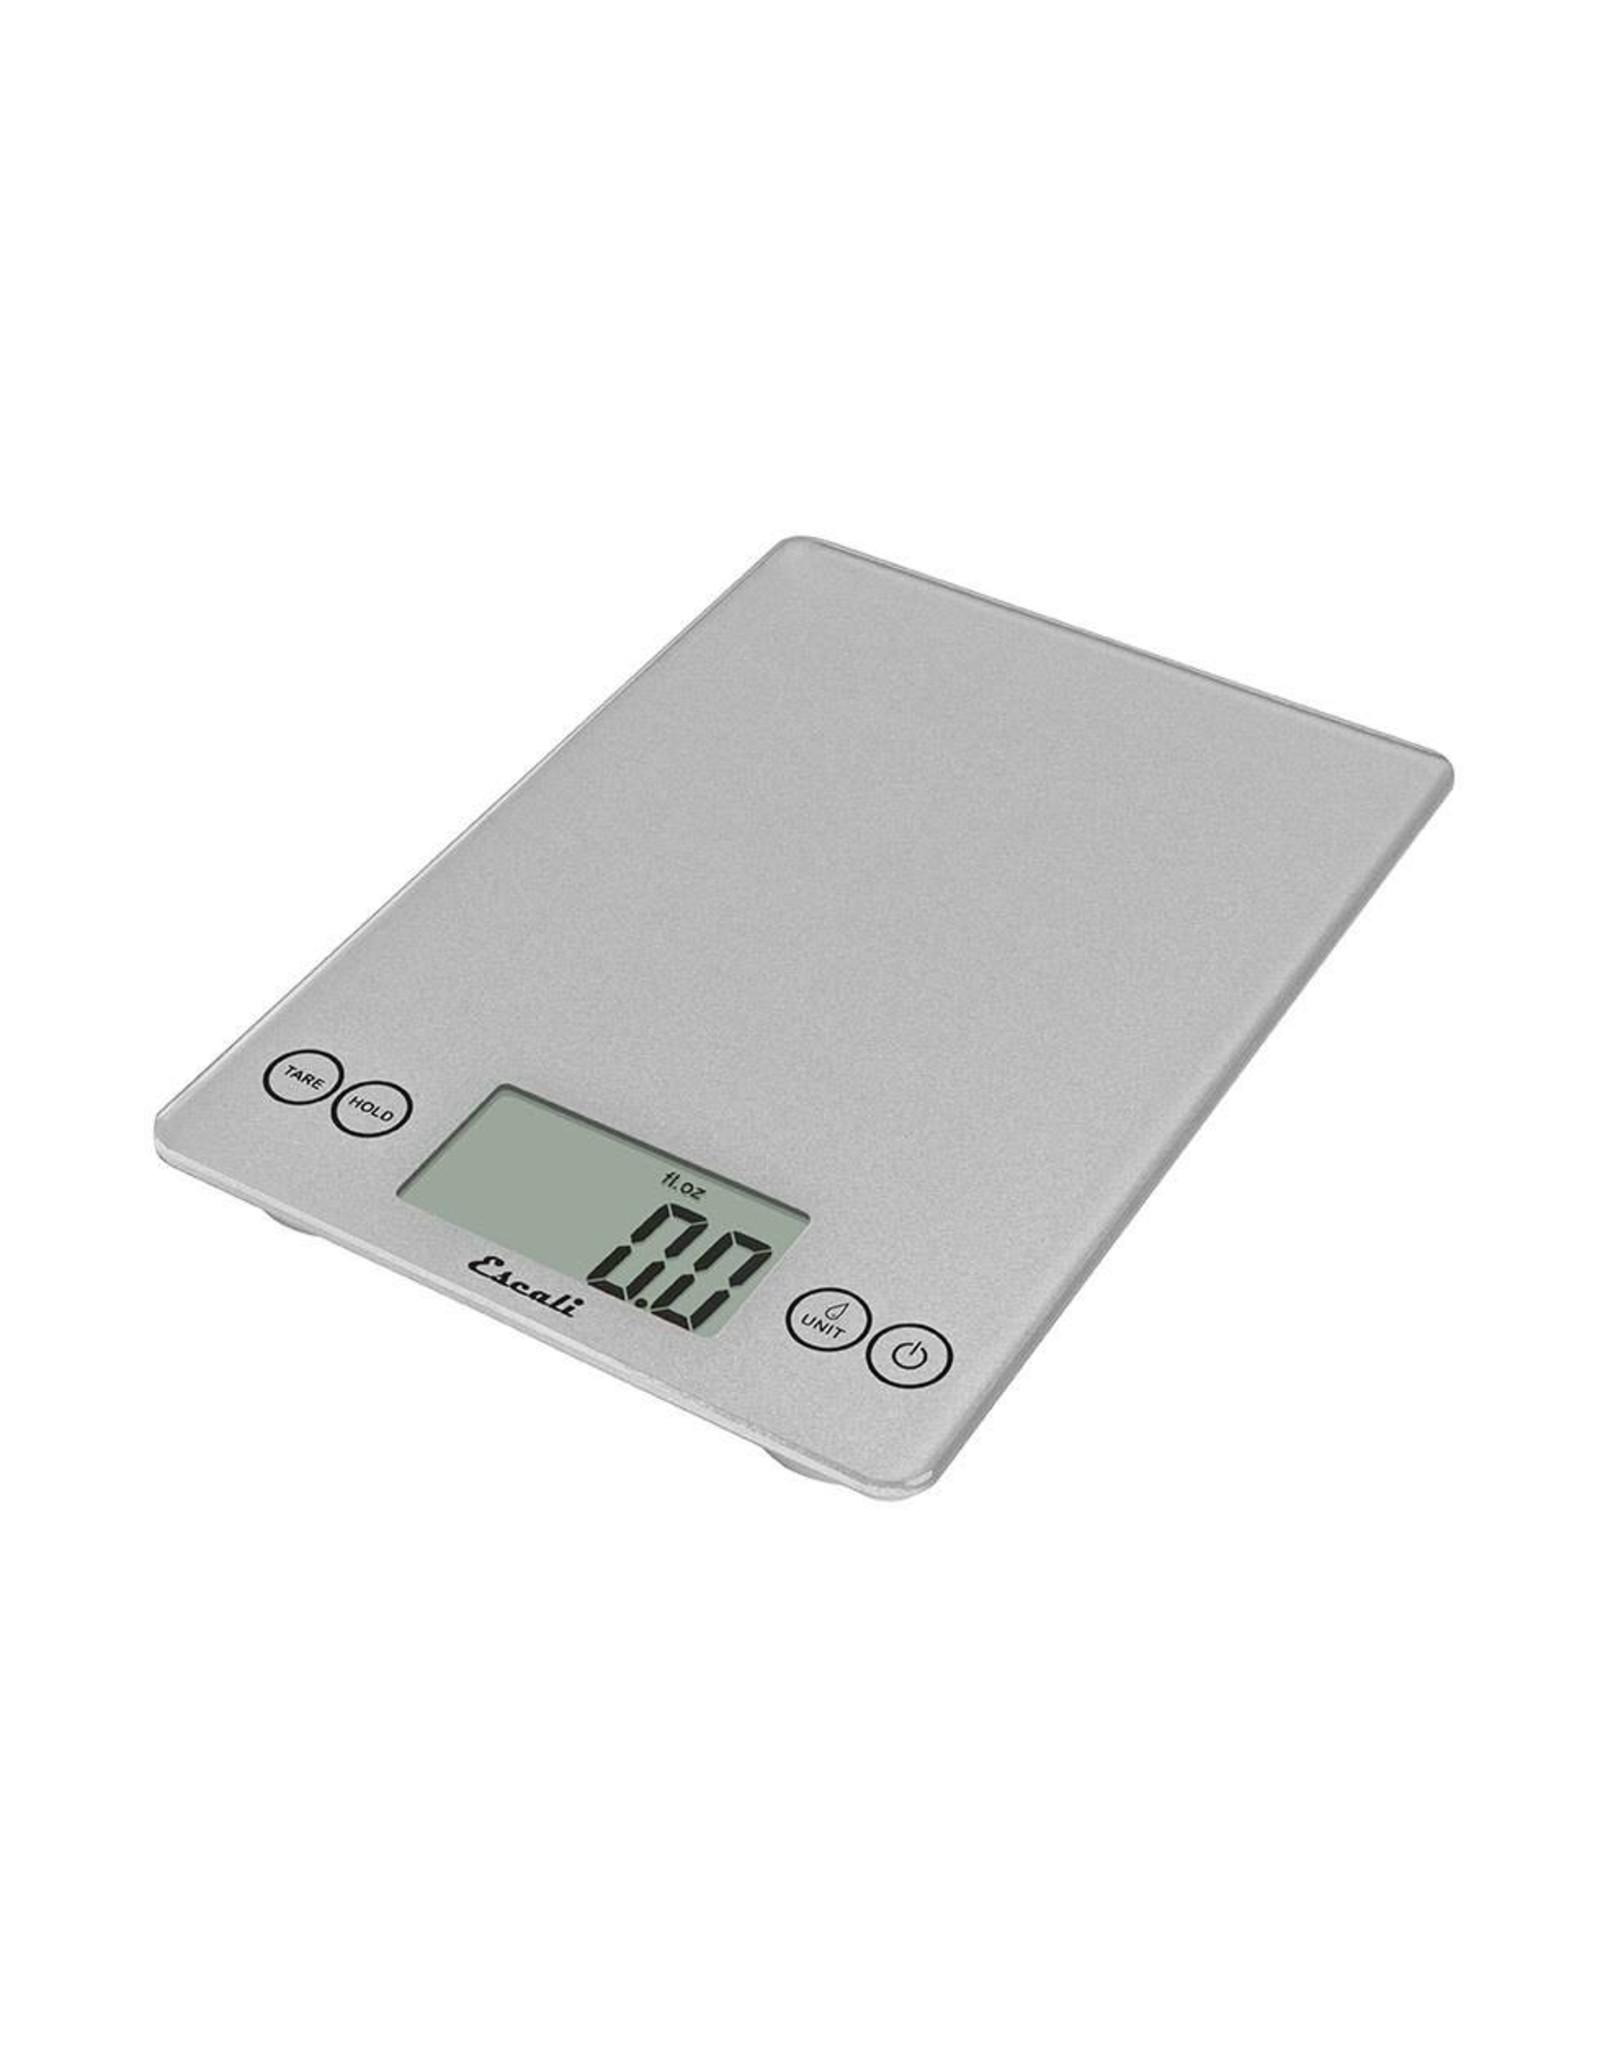 Escali Arti Digital Glass Scale - Shiny Silver